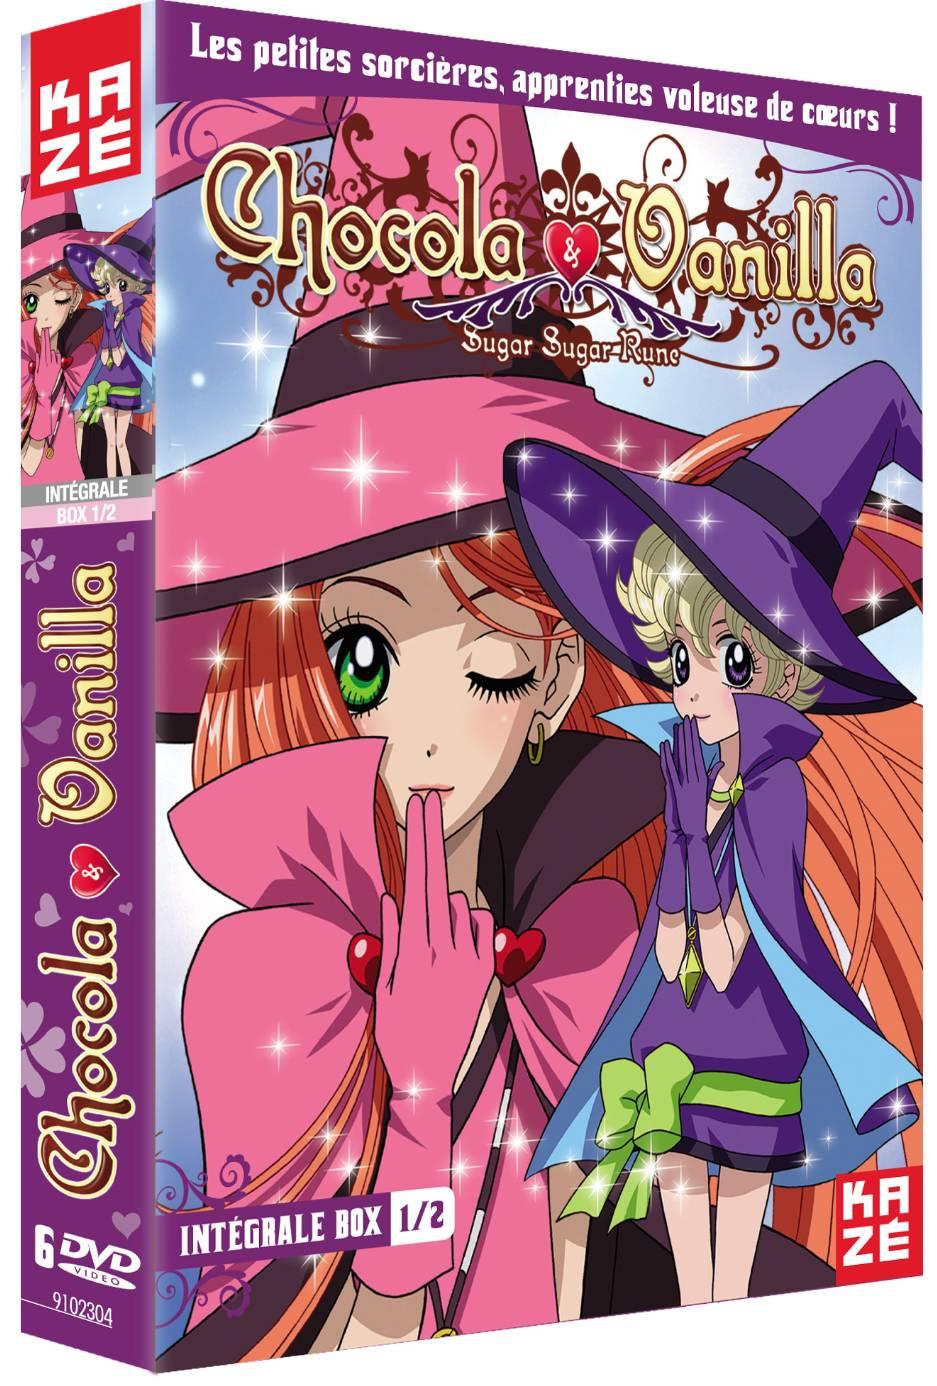 chocolat et vanilla episode 14